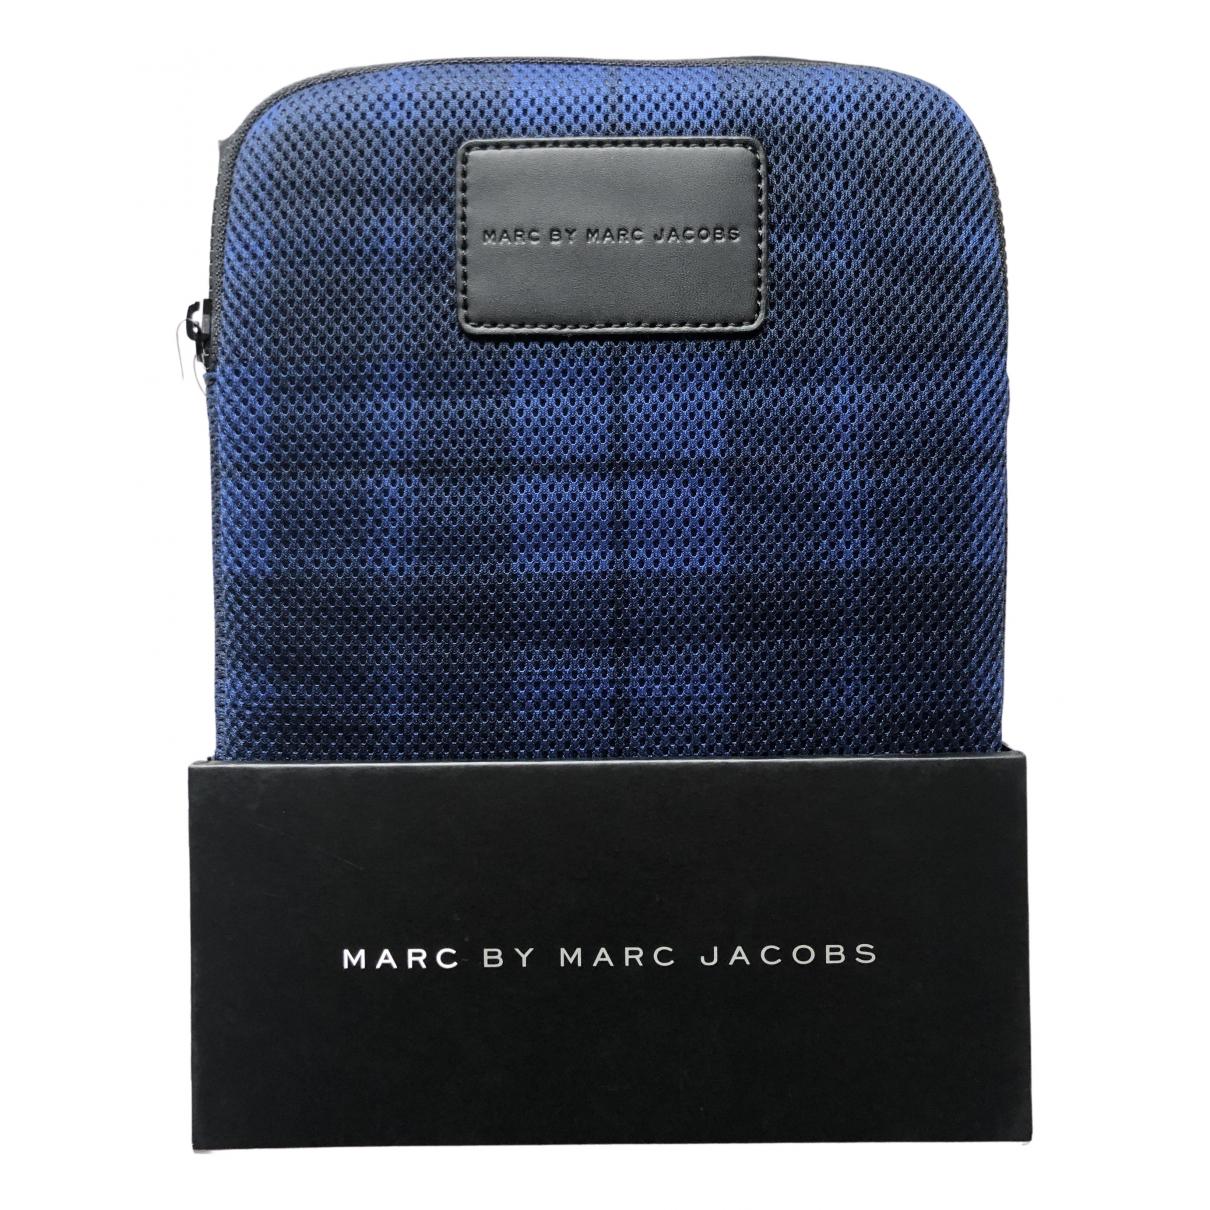 Marc By Marc Jacobs - Accessoires   pour lifestyle - bleu